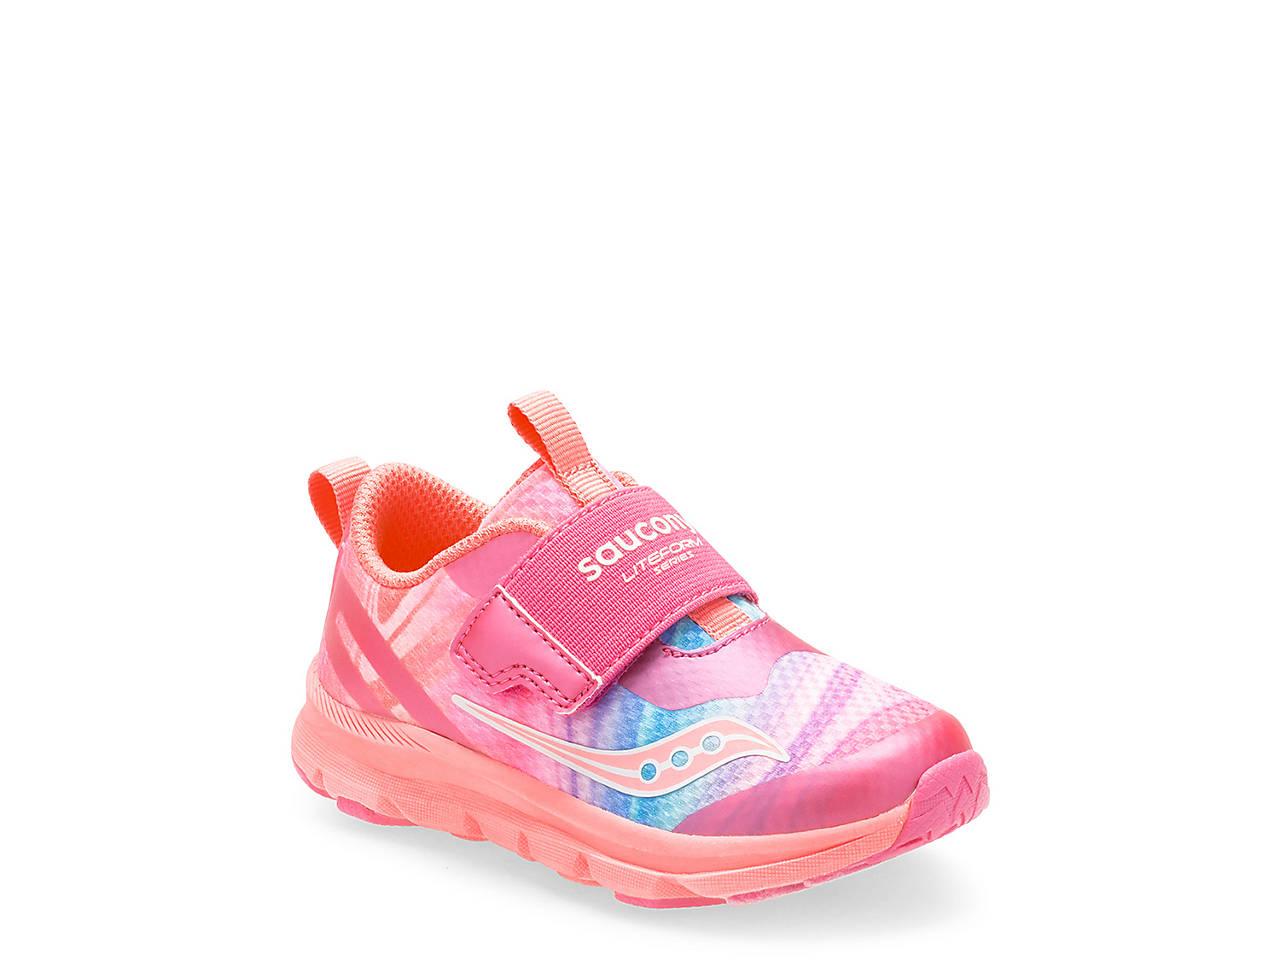 Infantamp; Toddler Toddler Baby Liteform Infantamp; Sneaker Liteform Liteform Baby Baby Sneaker X0kn8wOPN